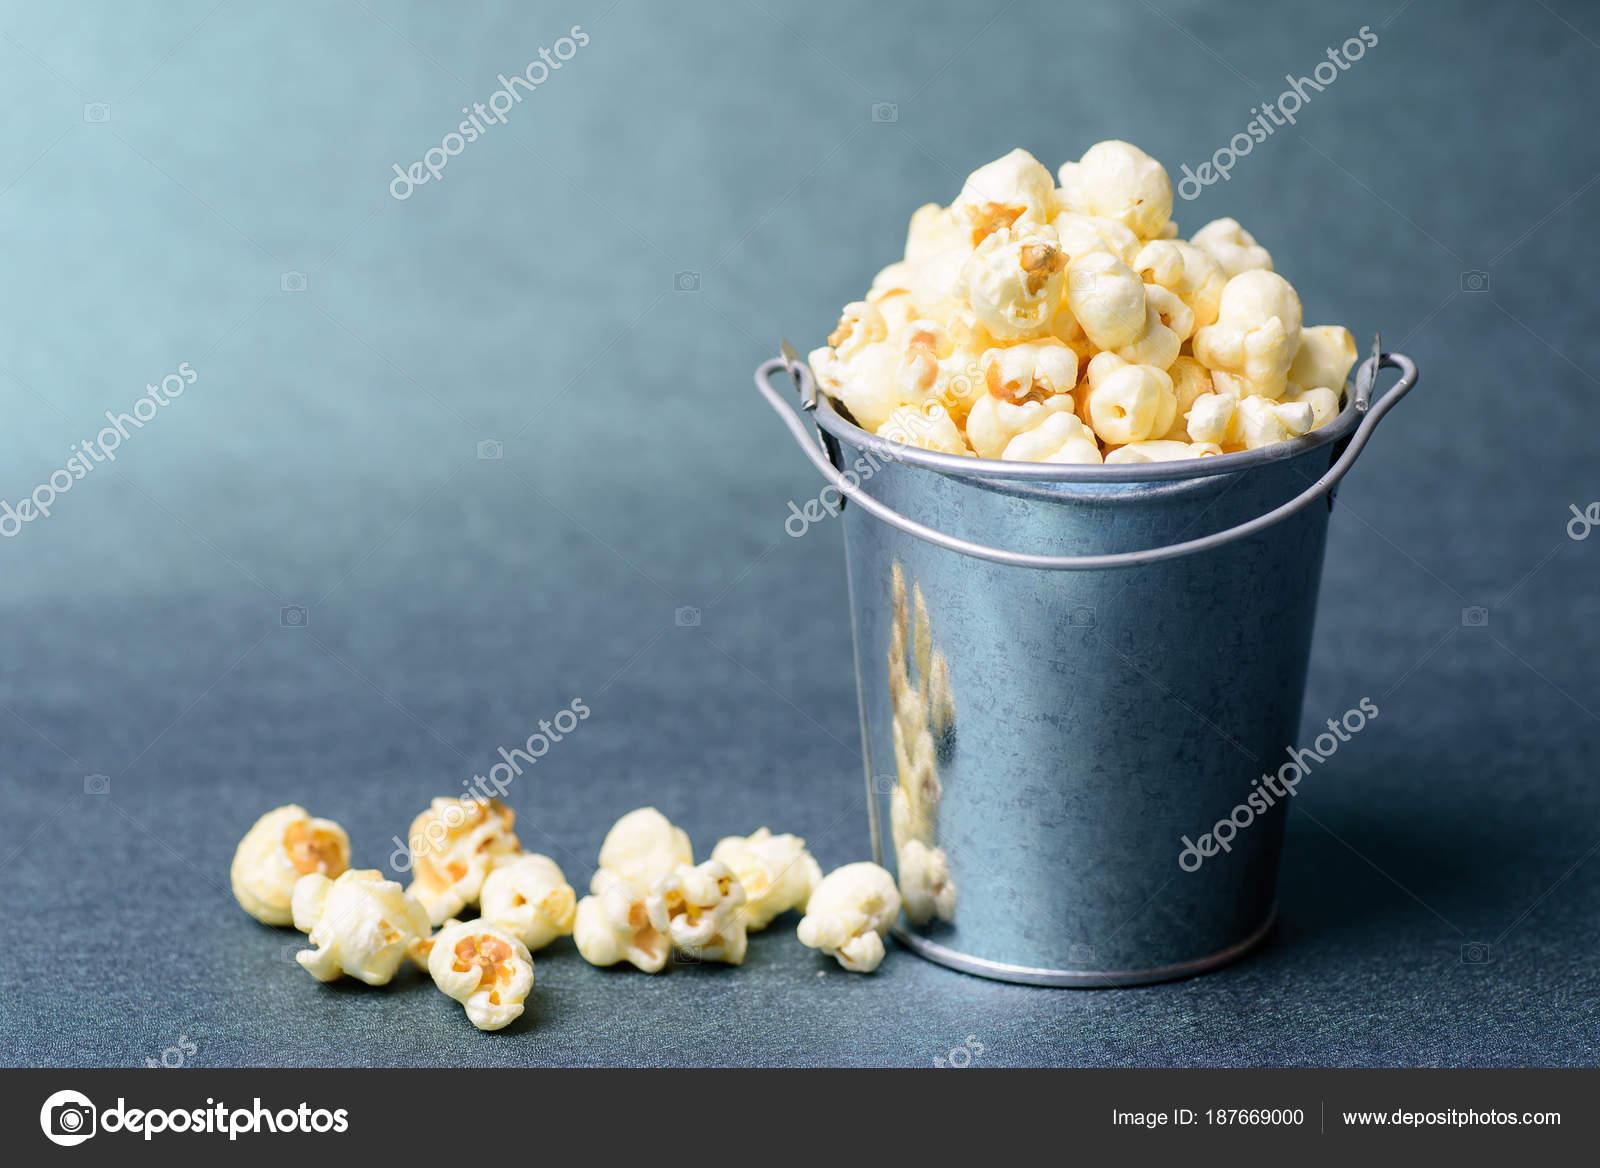 Caramel Popcorn Bucket Delicious Snack Stock Photo C Nungning20 187669000